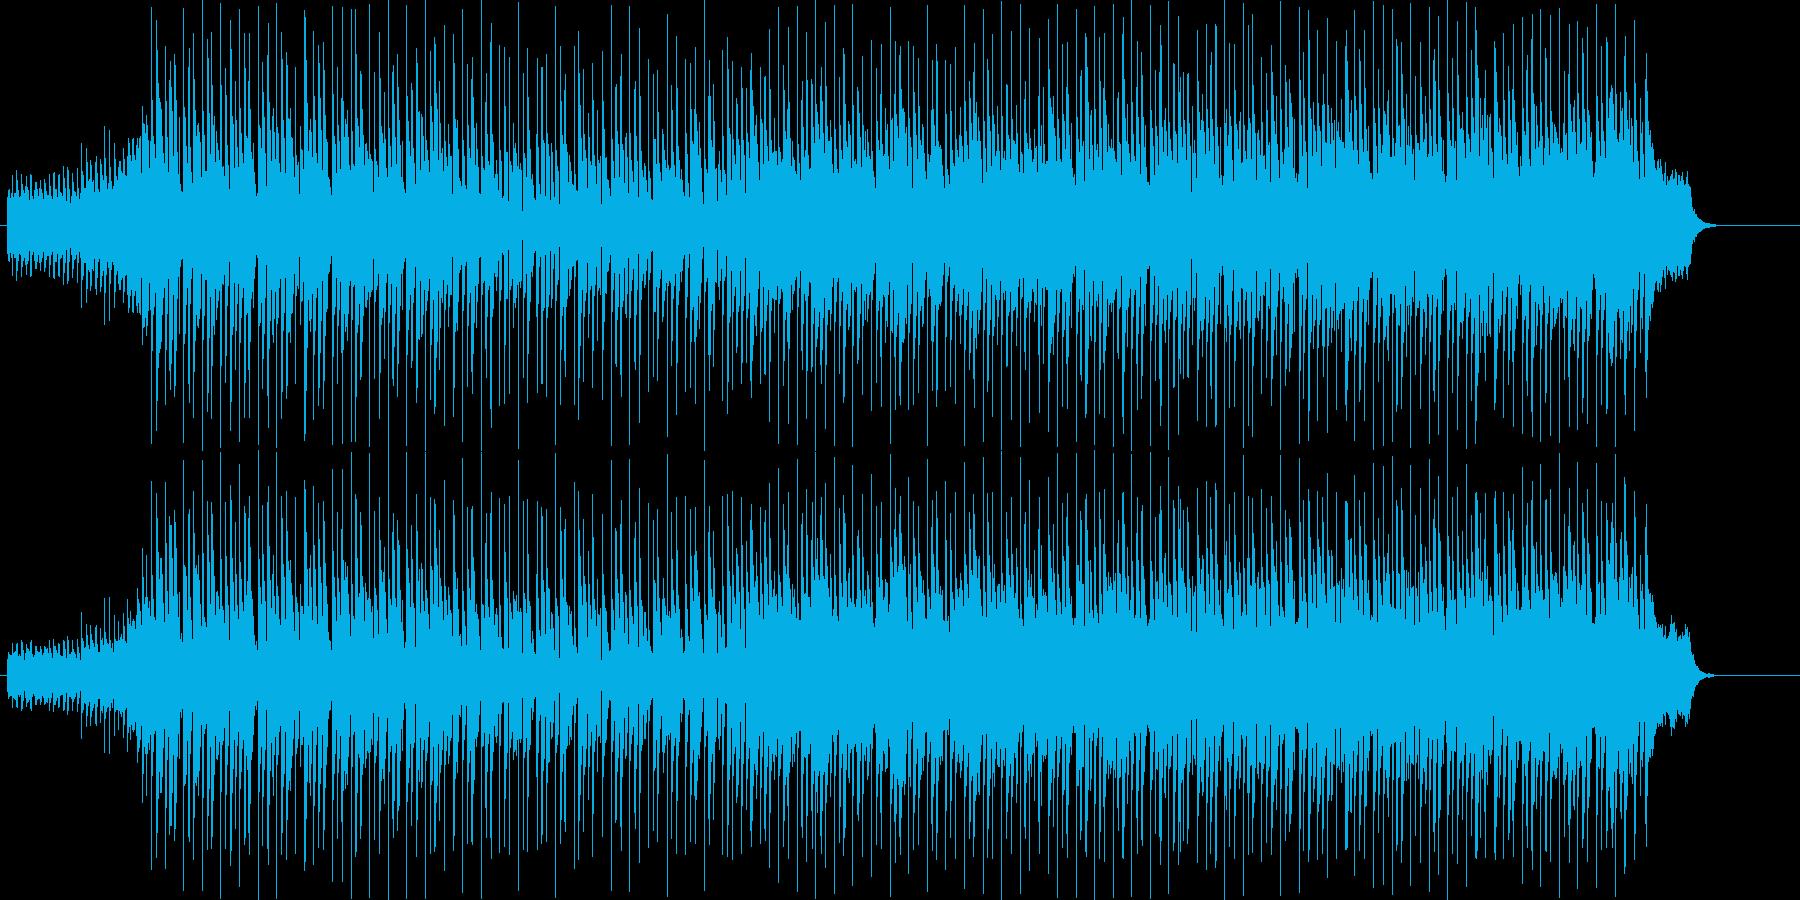 インターナショナル・ポップス漫遊記風の再生済みの波形